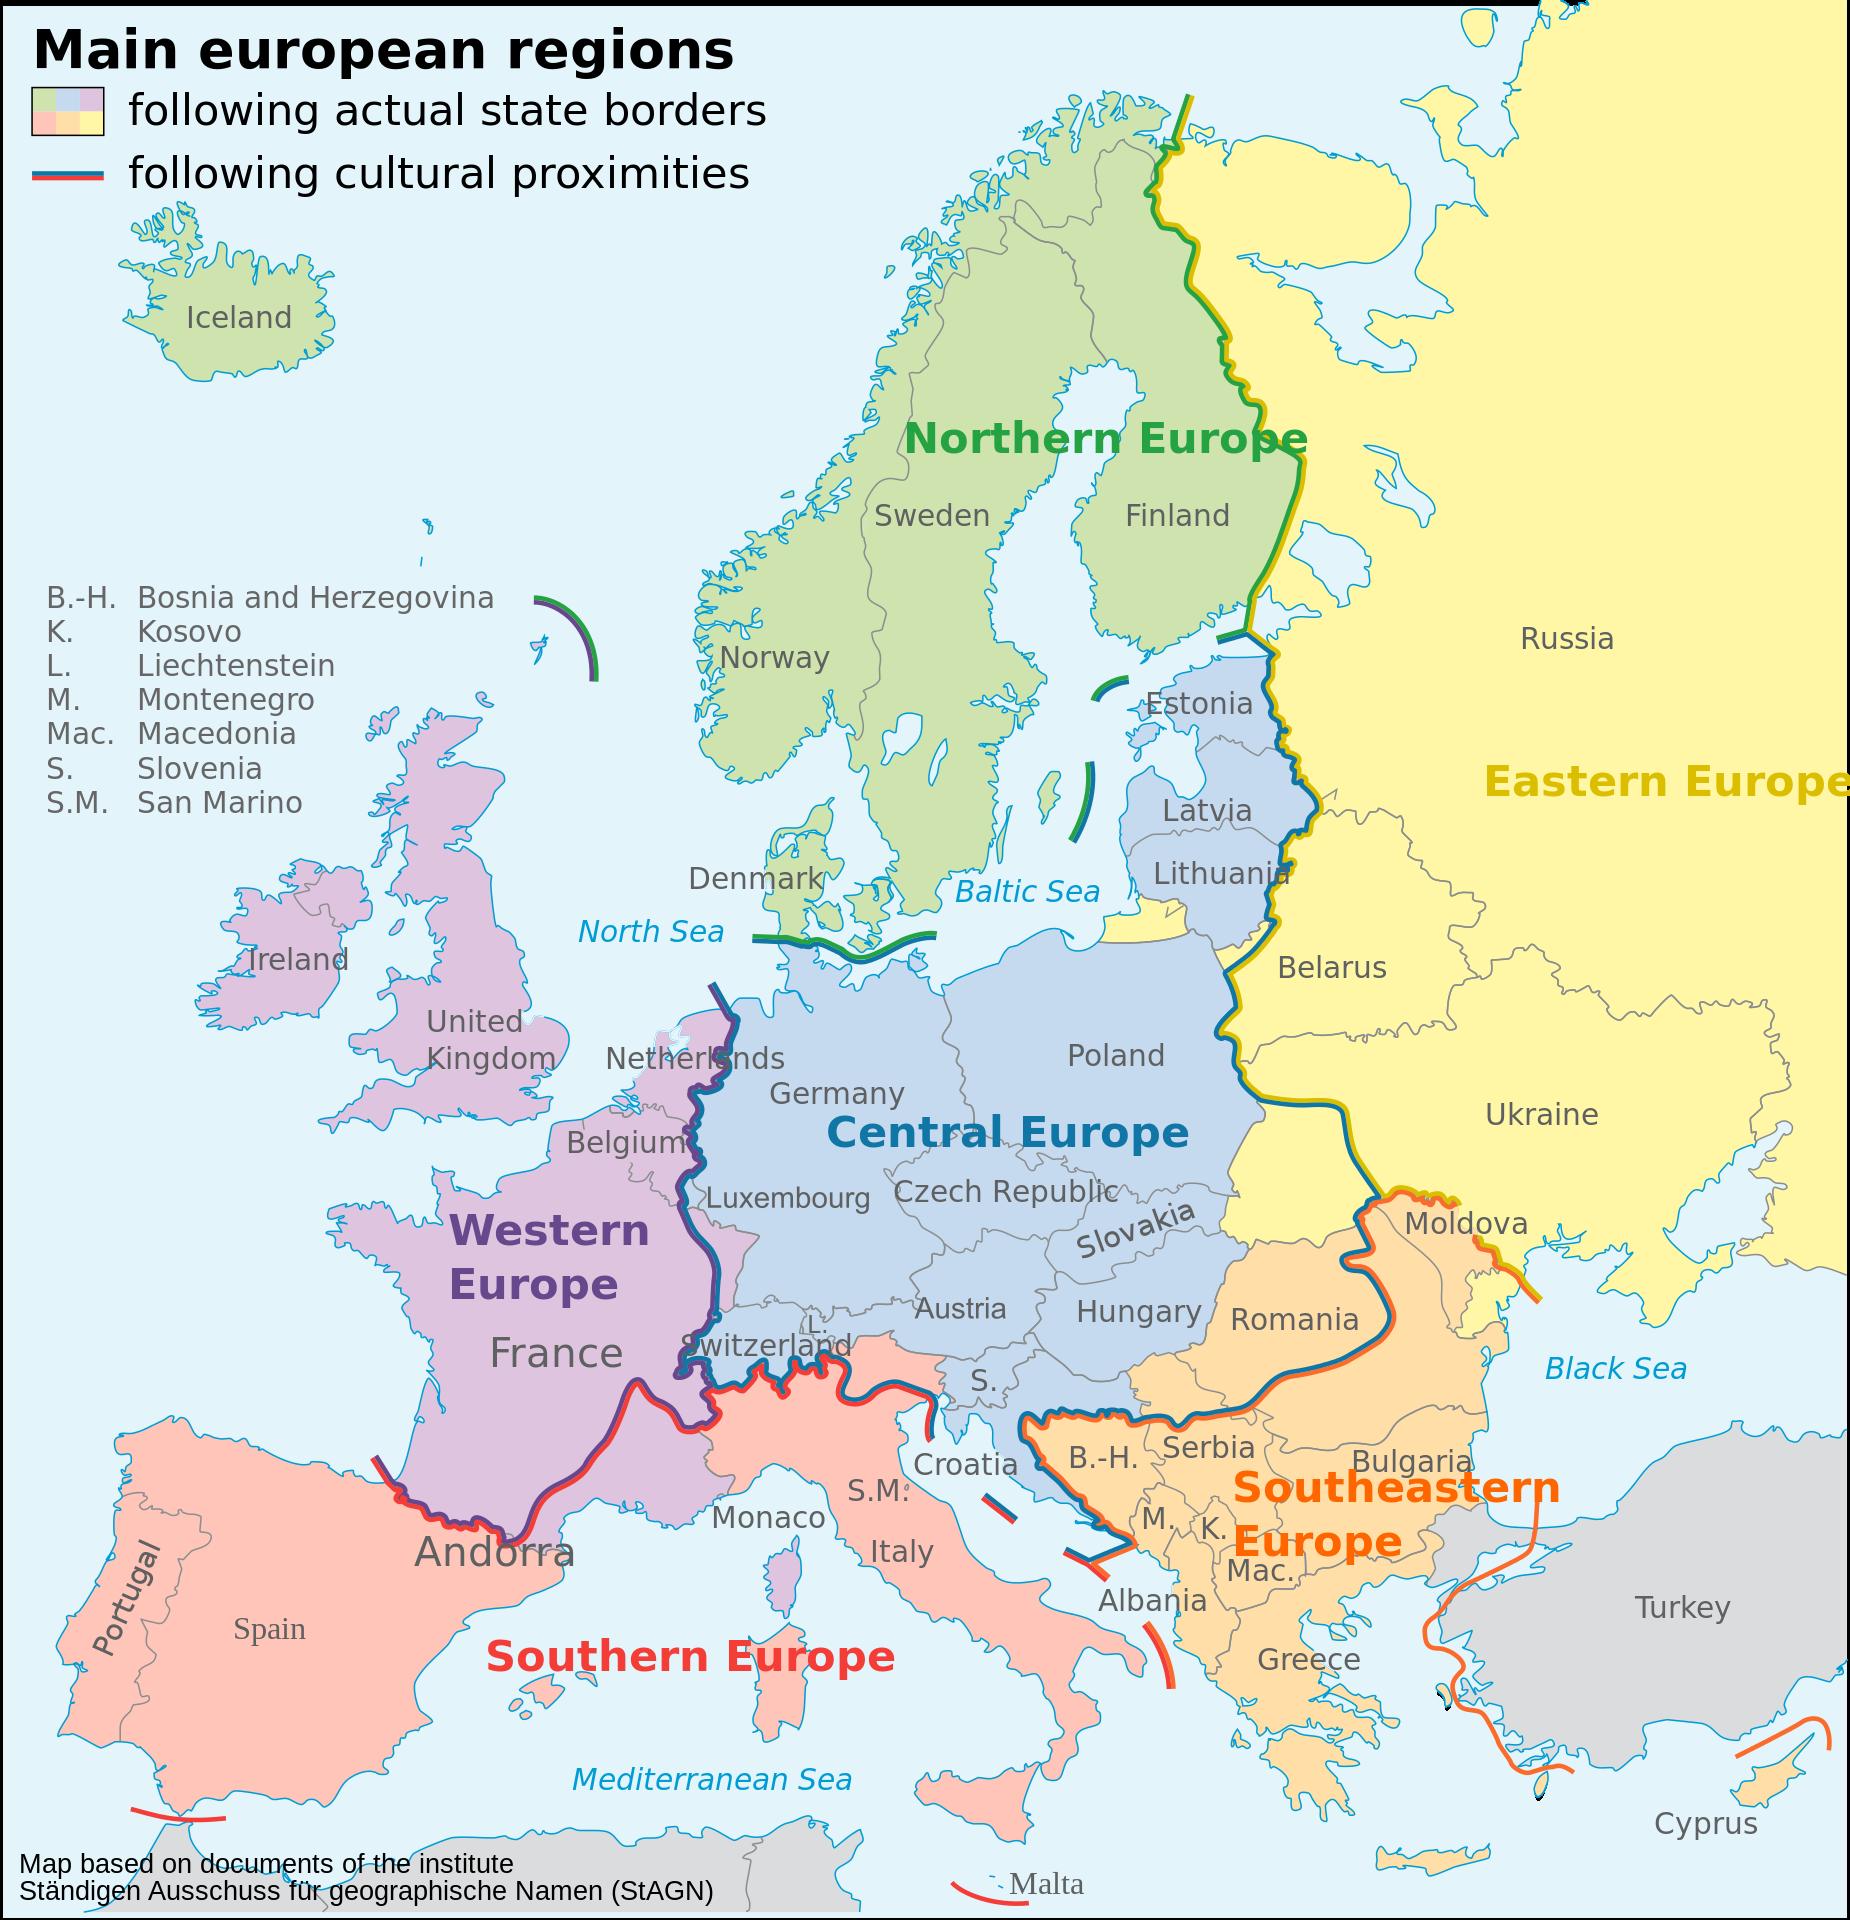 Le suddivisioni dell'Europa. Immagine da Wikimedia su licenza Creative common.